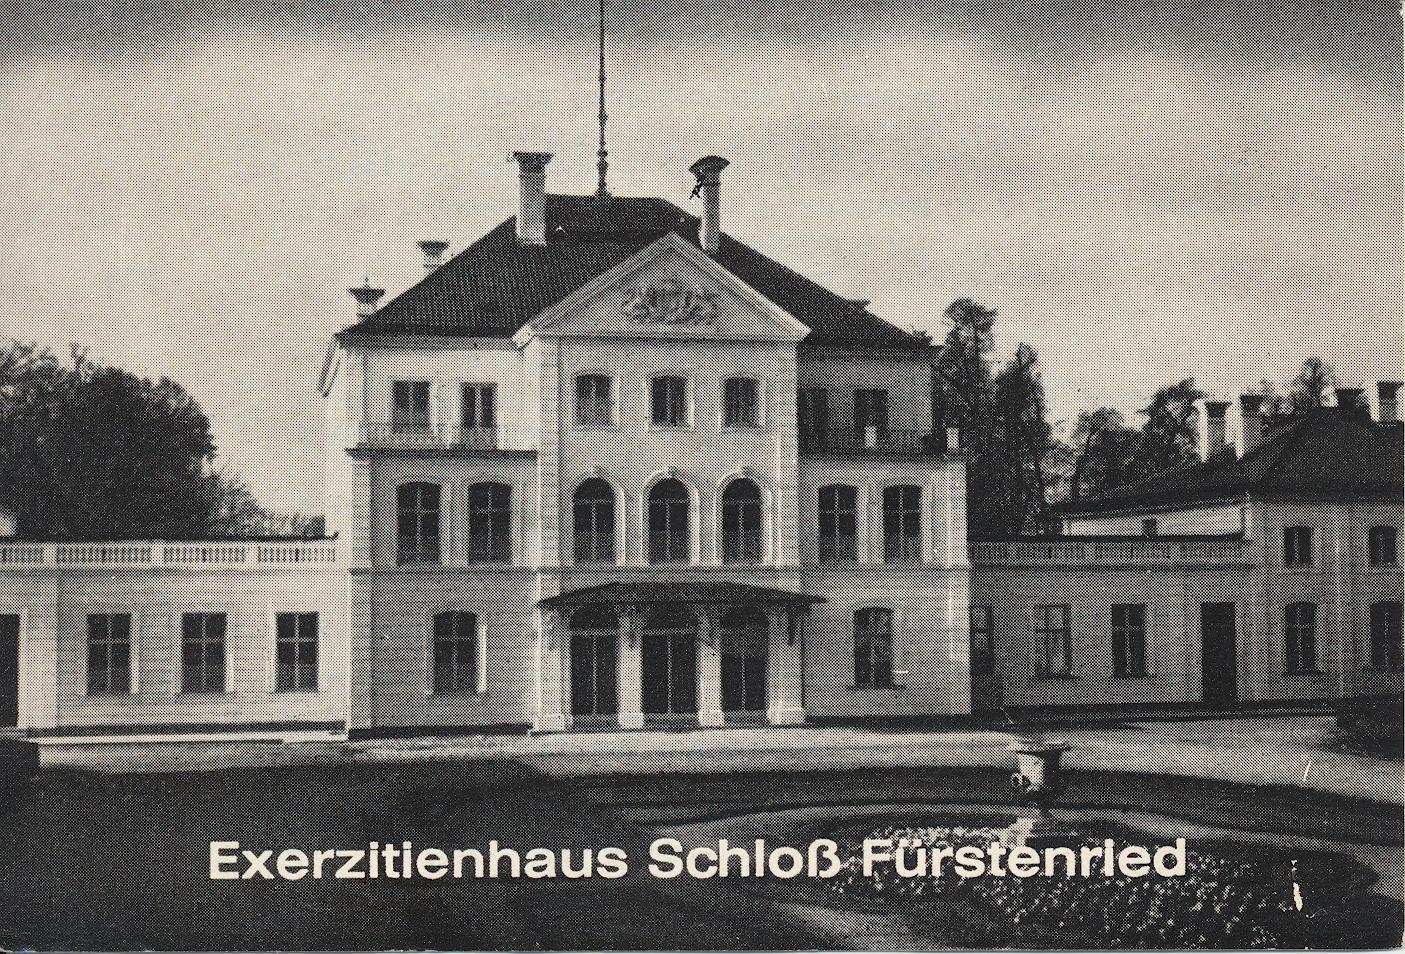 I. Internat. Imago Mundi-Kongress im Exerzitienhaus in Fürstenried bei München, 26.-29.09.1966